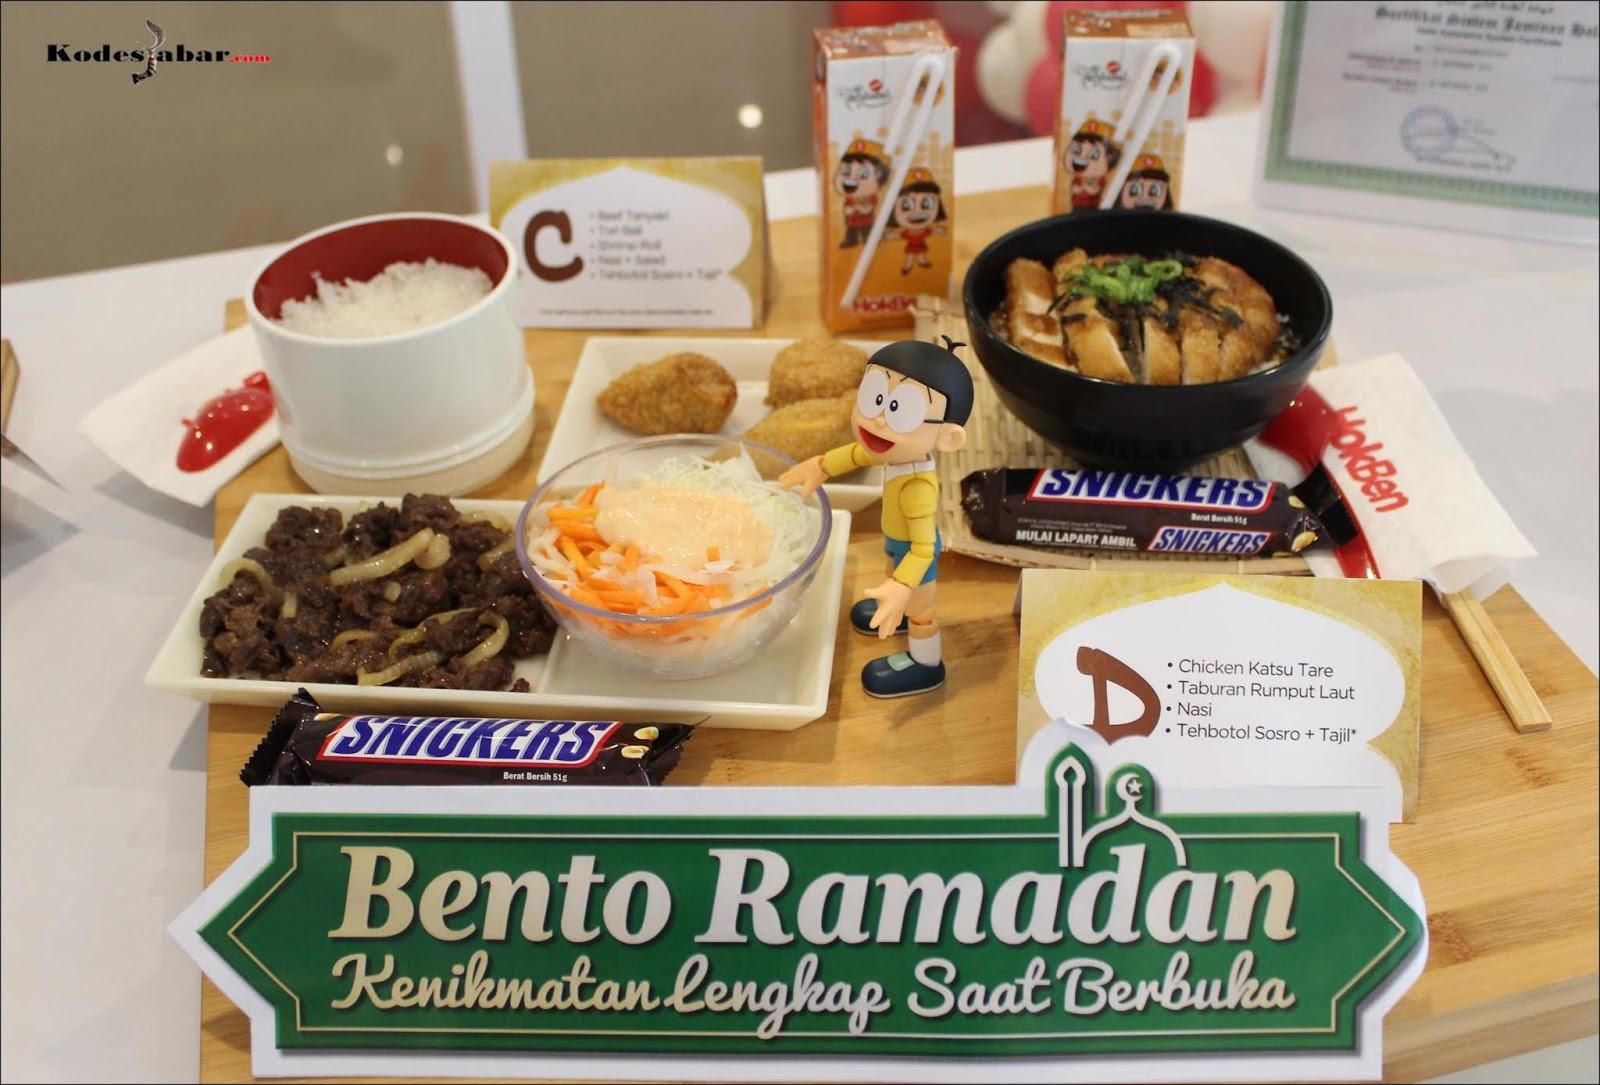 Paket Bento Ramadan C&D